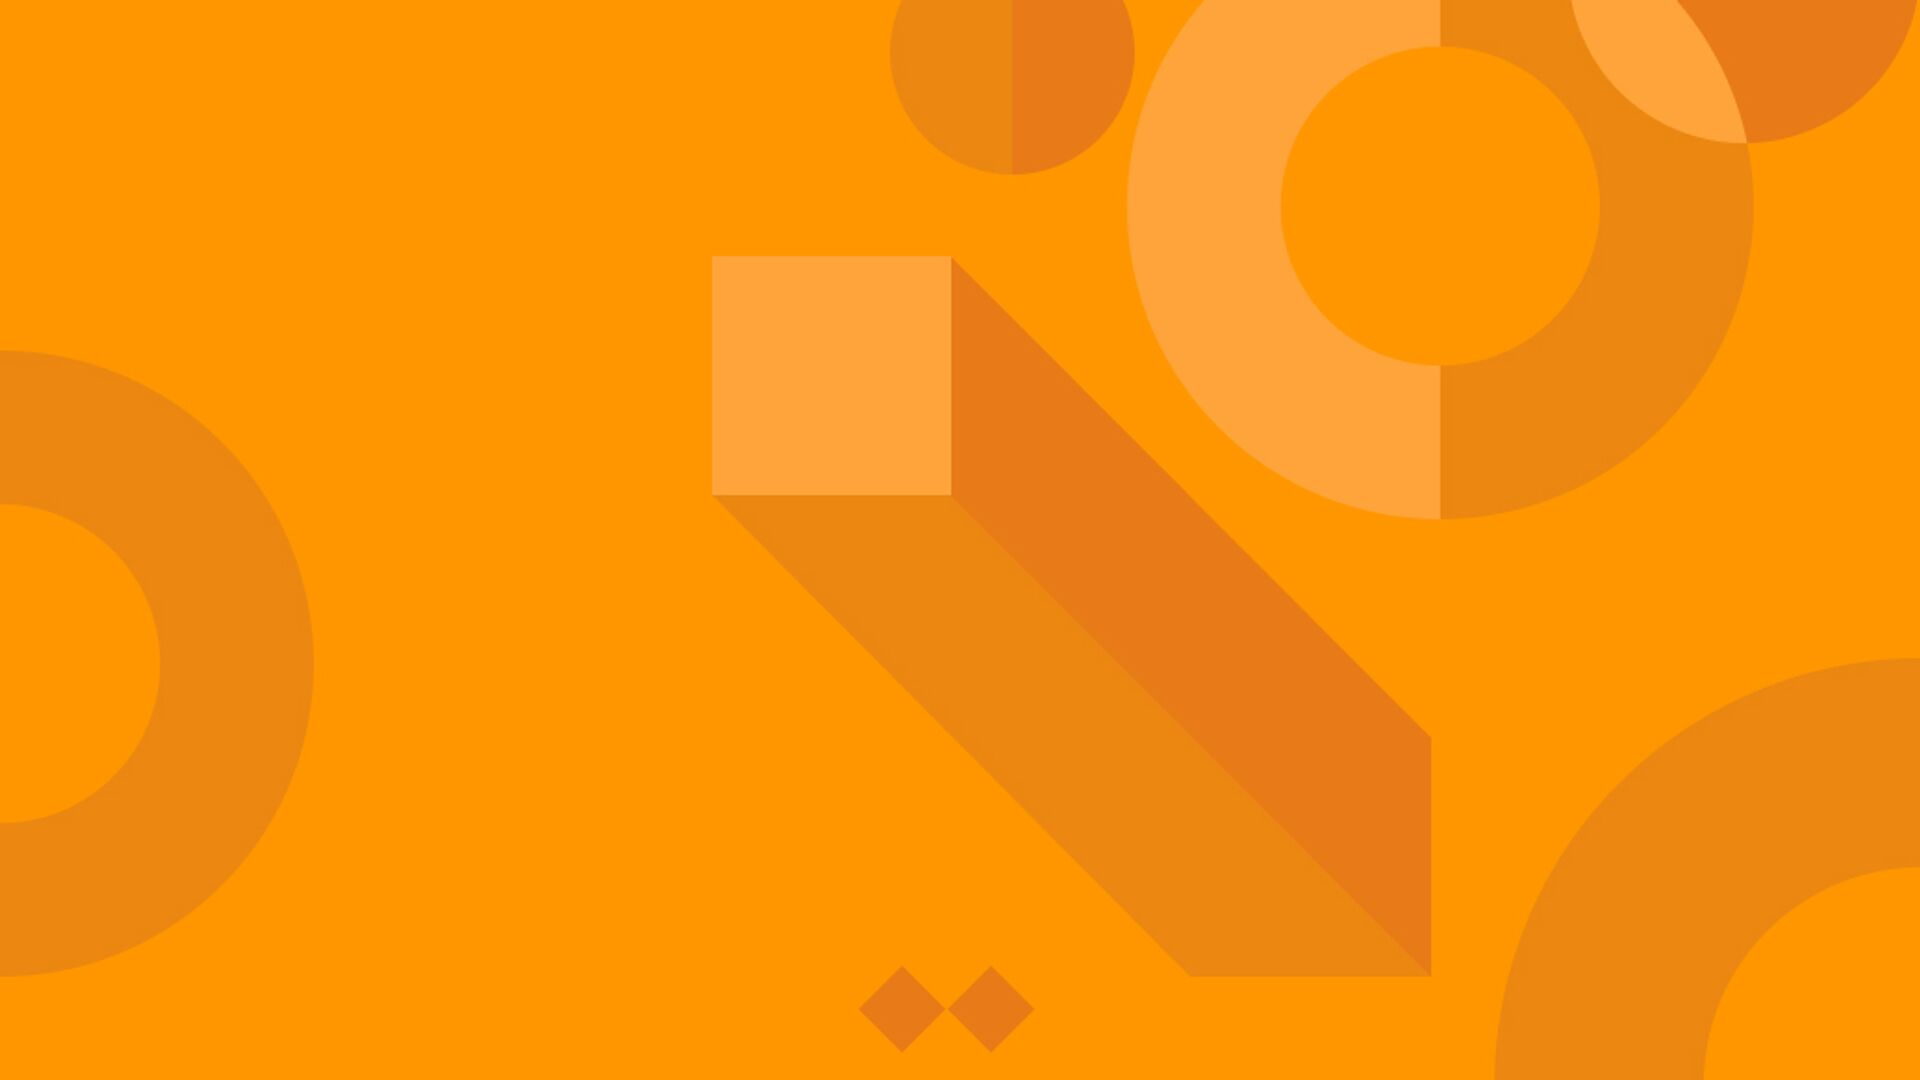 Россия как повод объединиться. Цифровые проекты Россотрудничества - РИА Новости, 1920, 16.12.2019